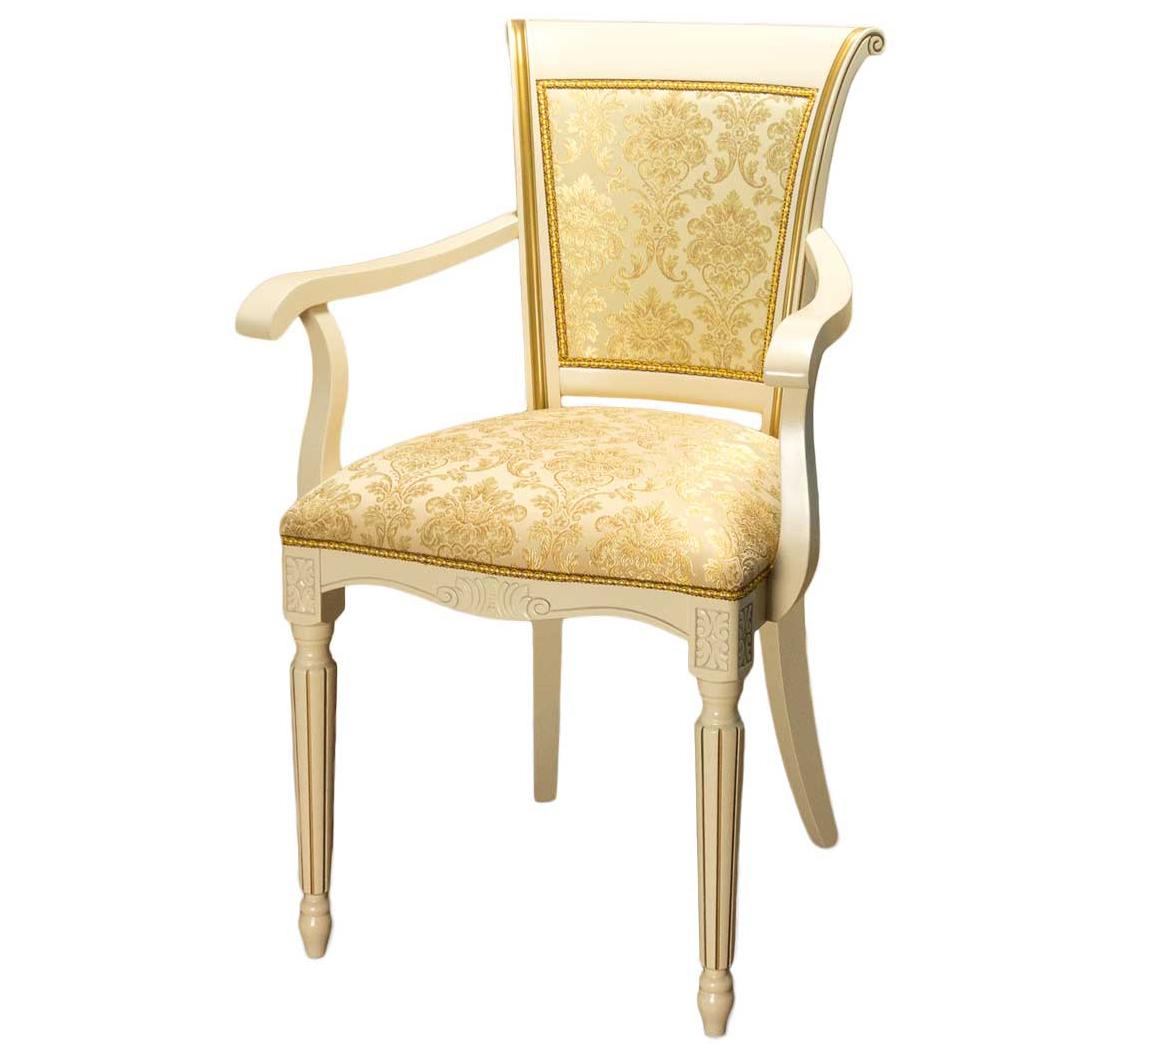 Стул-кресло слоновая кость для дома из дерева (арт. М3351)